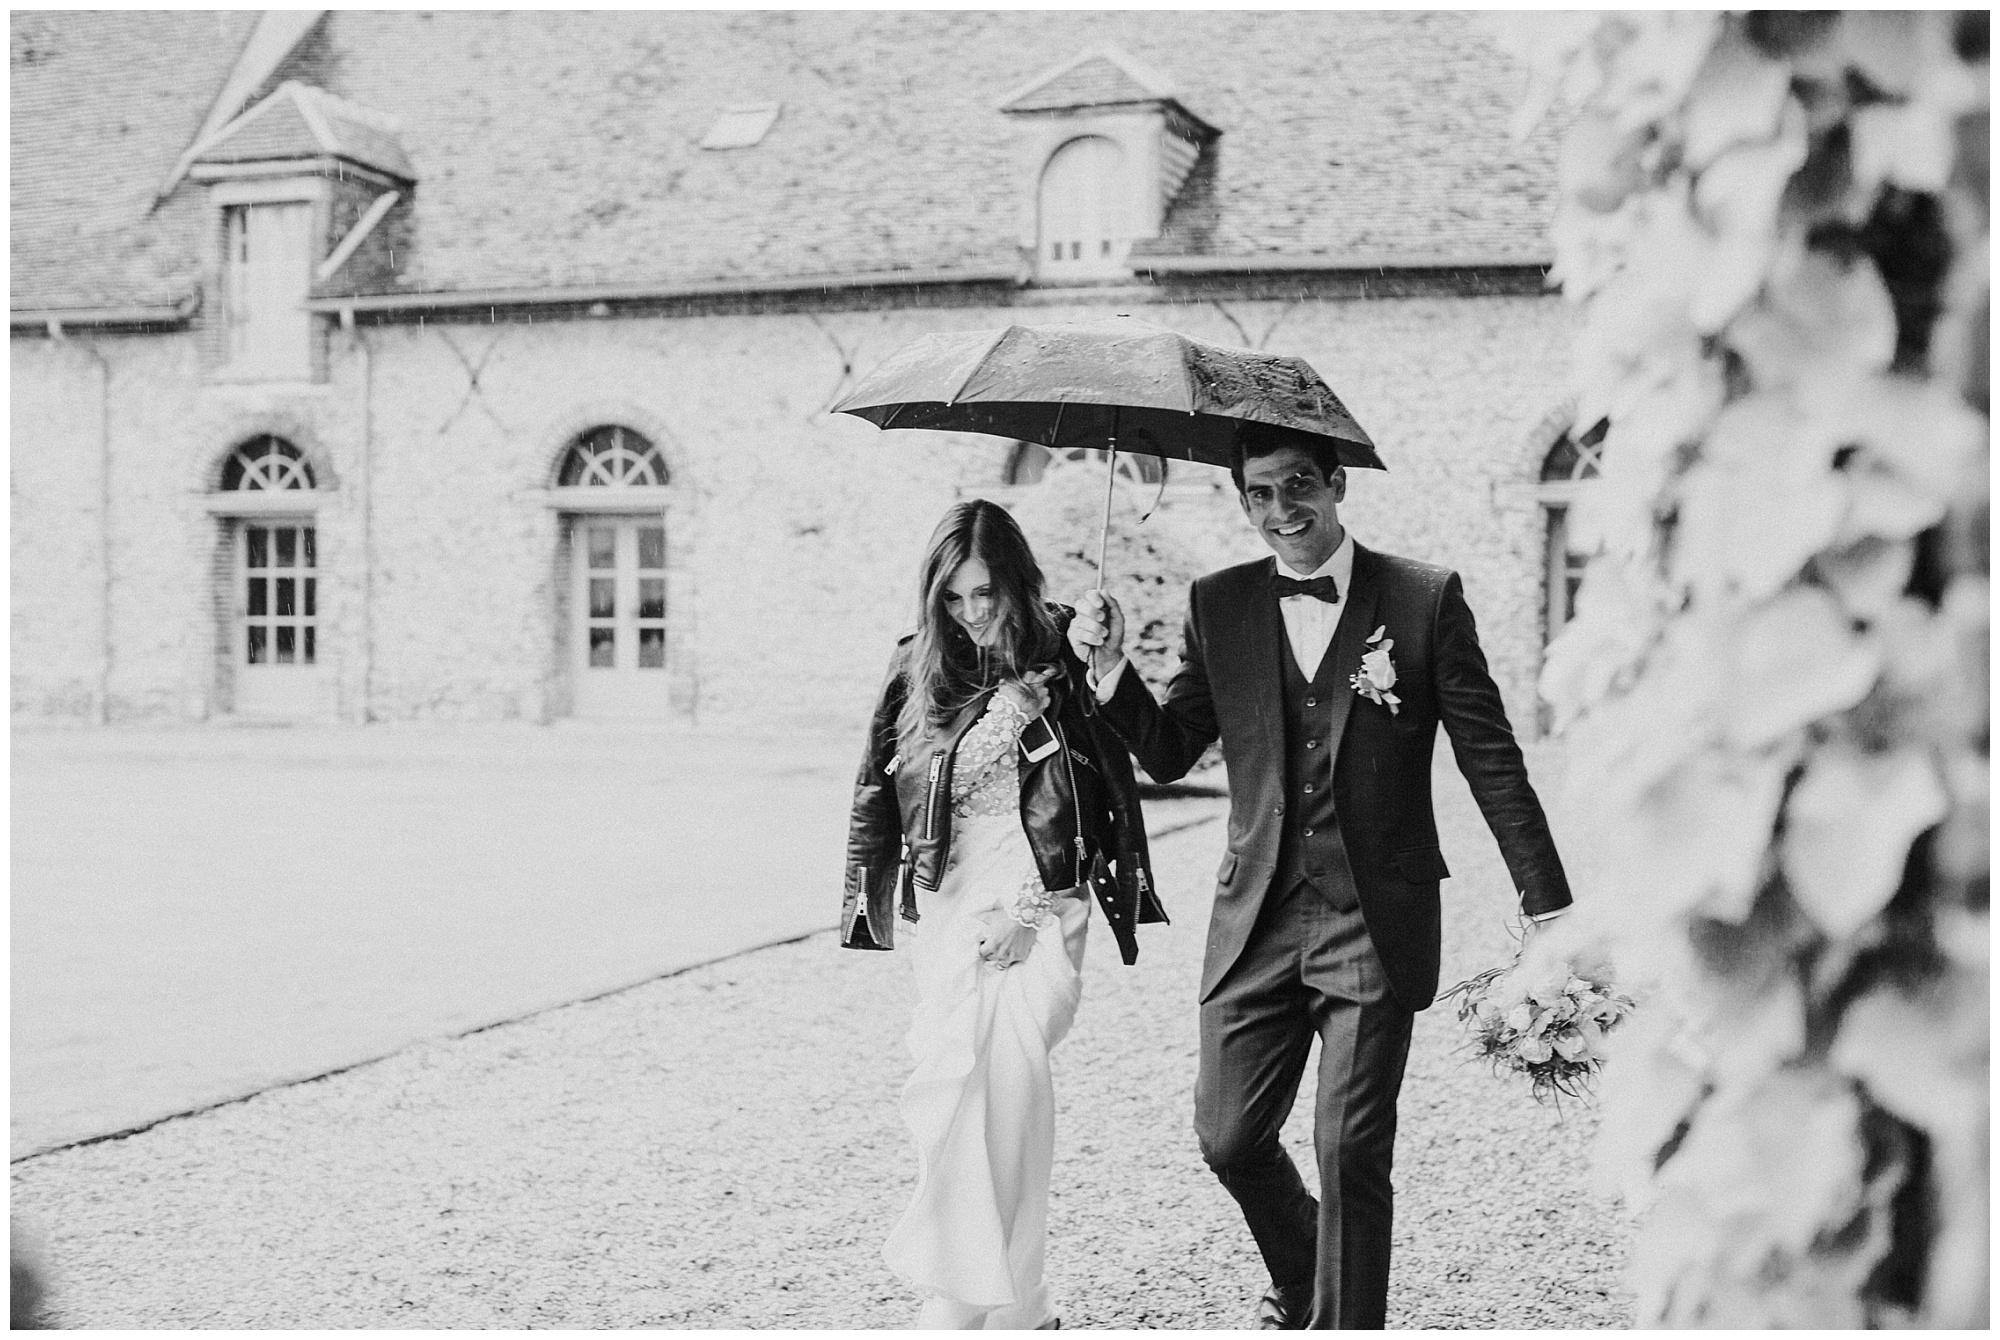 Kateryna-photos-photographer-reims-domaine-des-evis-mariage-normandie--domaine-des-evis-mariage-normandie-couple-sous-un-paraplui